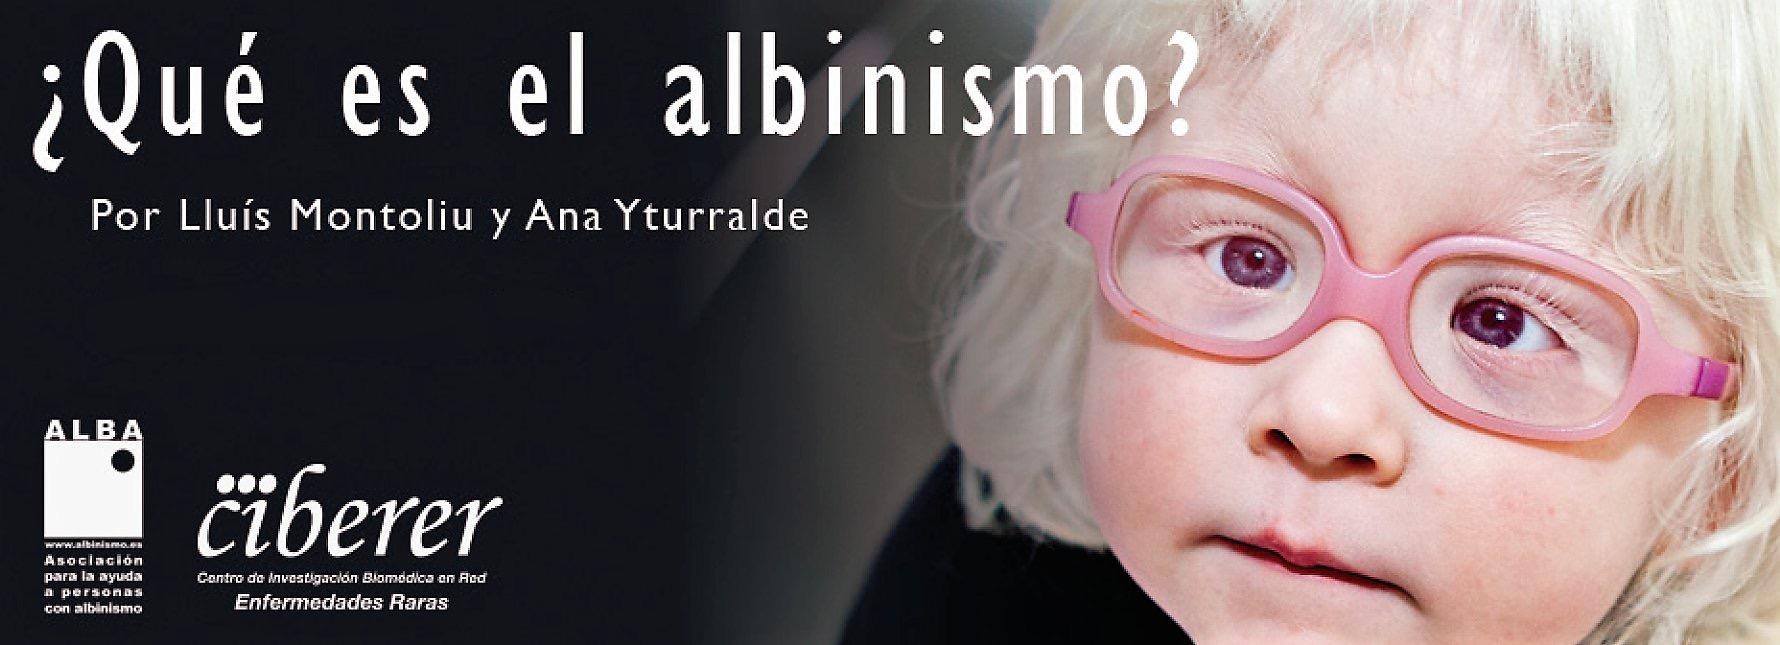 80a0e87beb El día a día con una persona albina